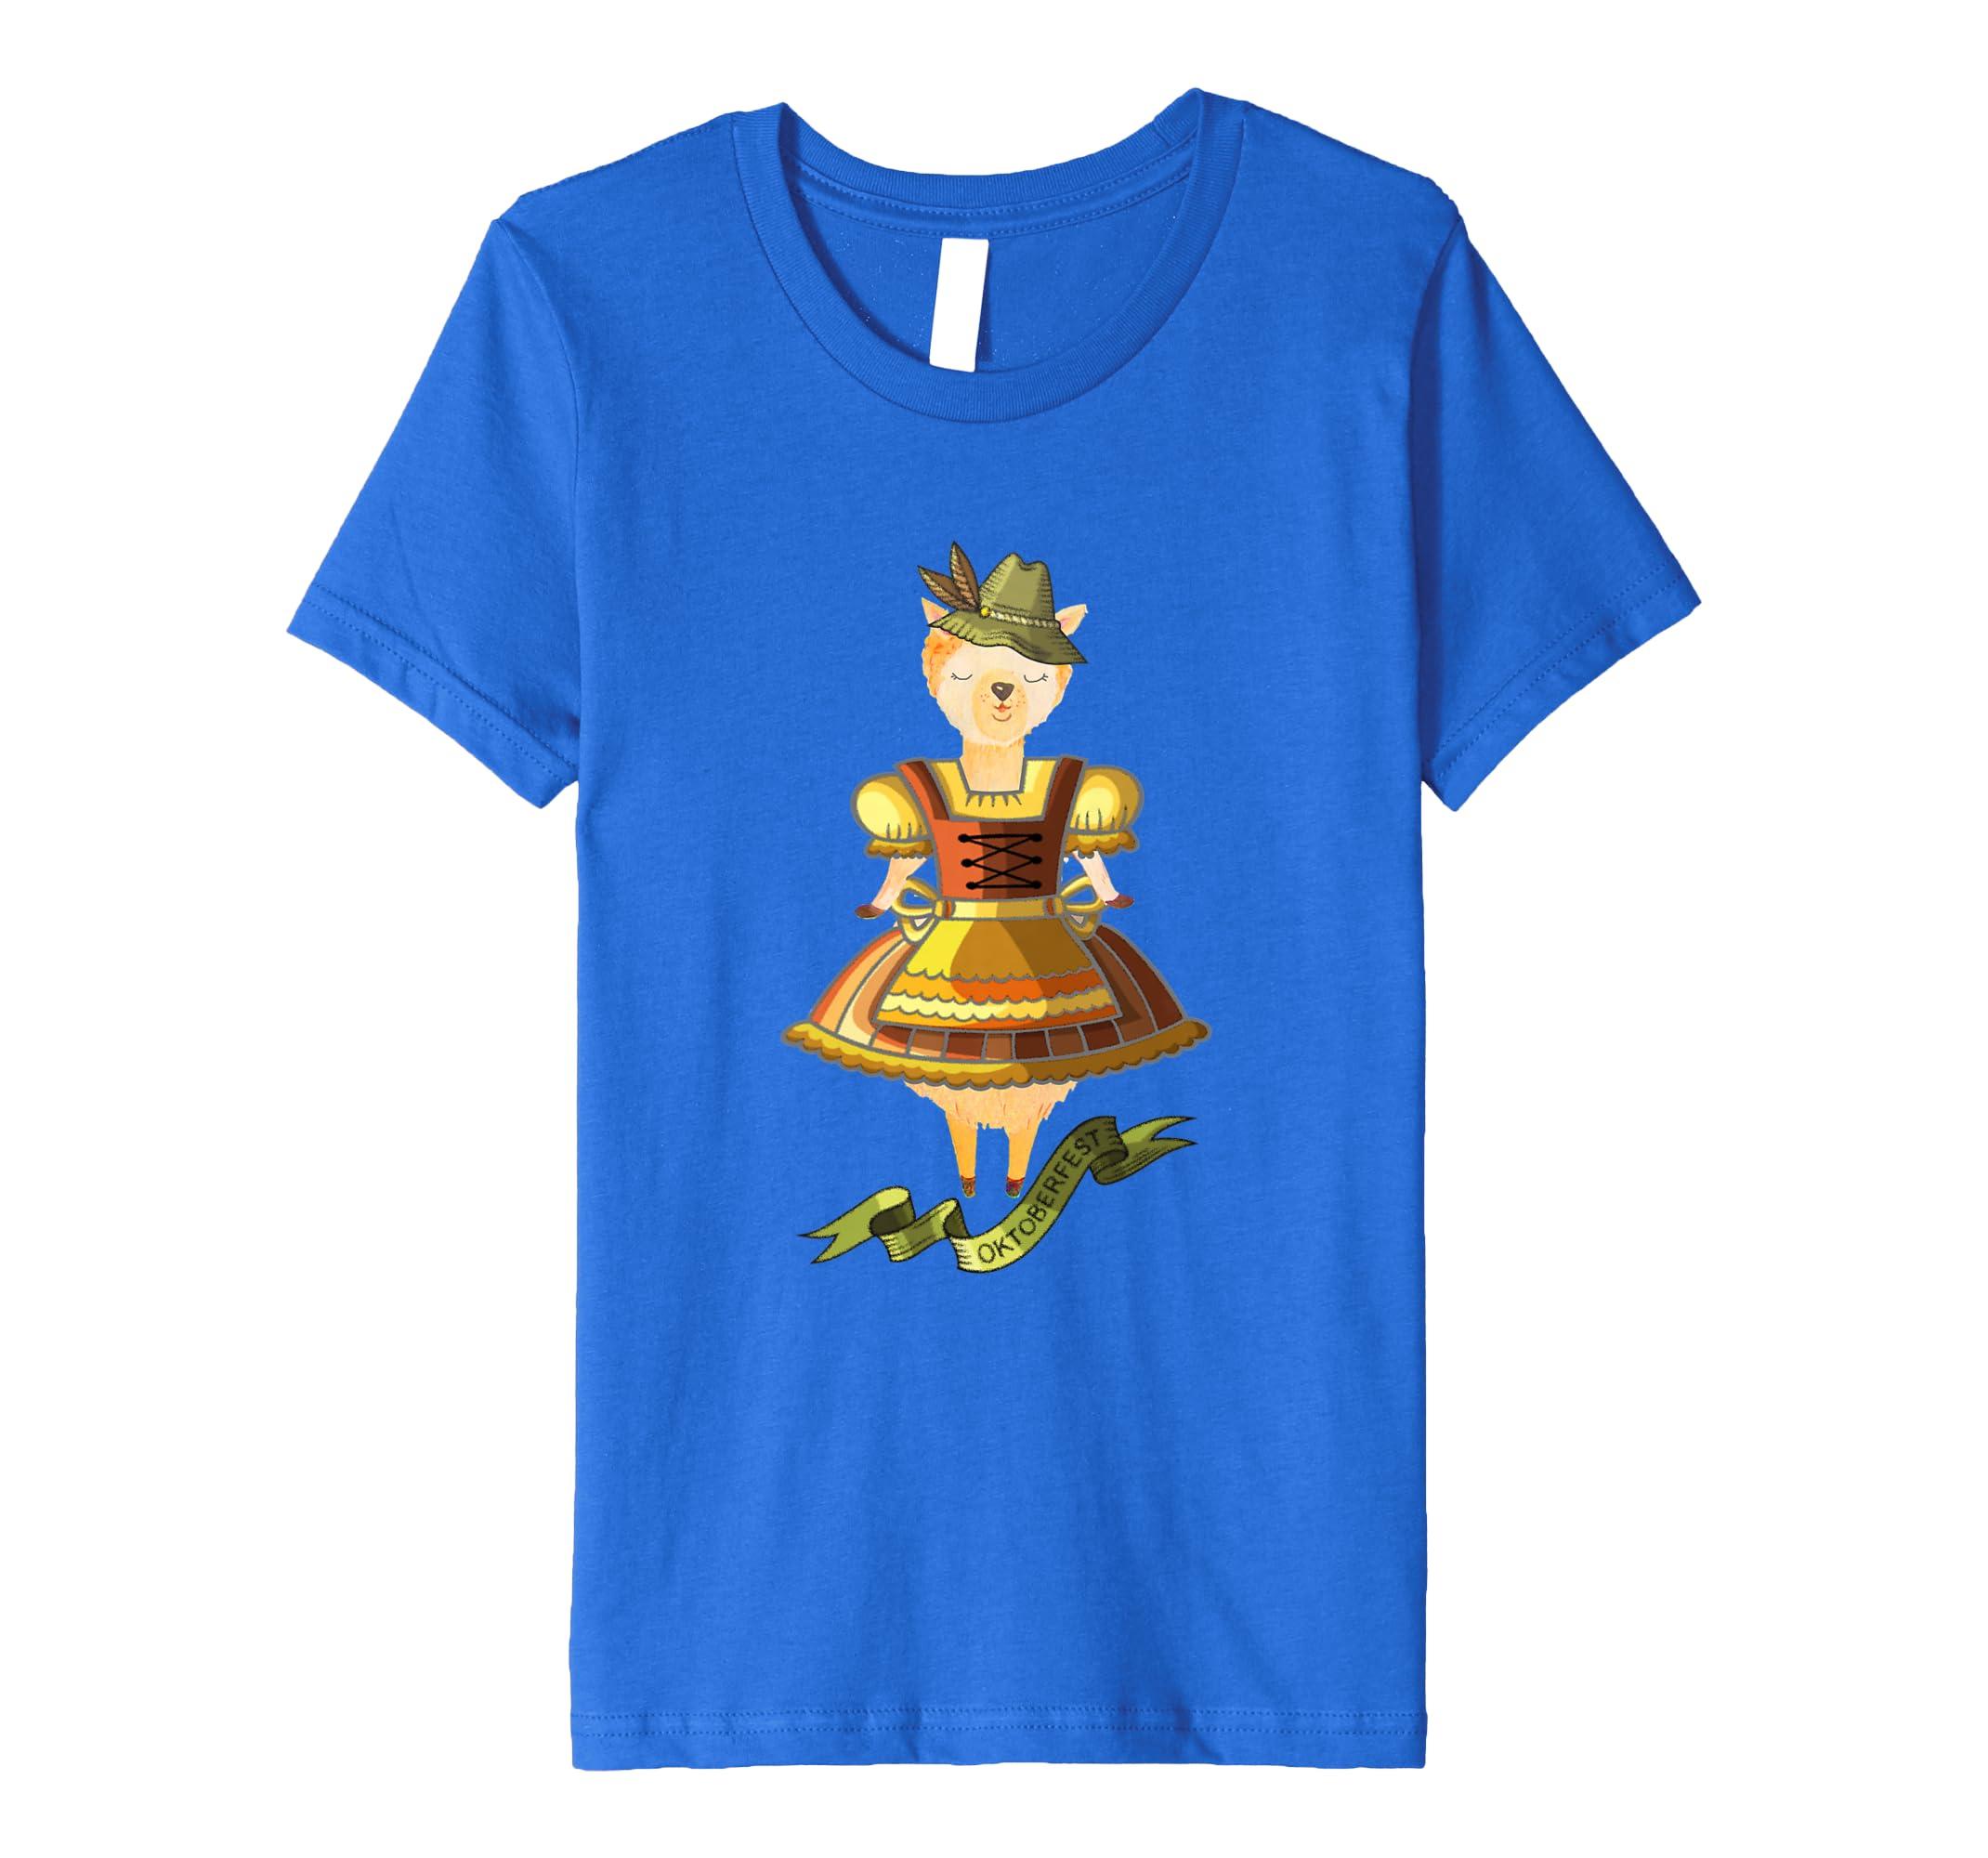 Oktoberfest Dirndl Llama München Wiesn Witzige Fun T Shirts Amazon